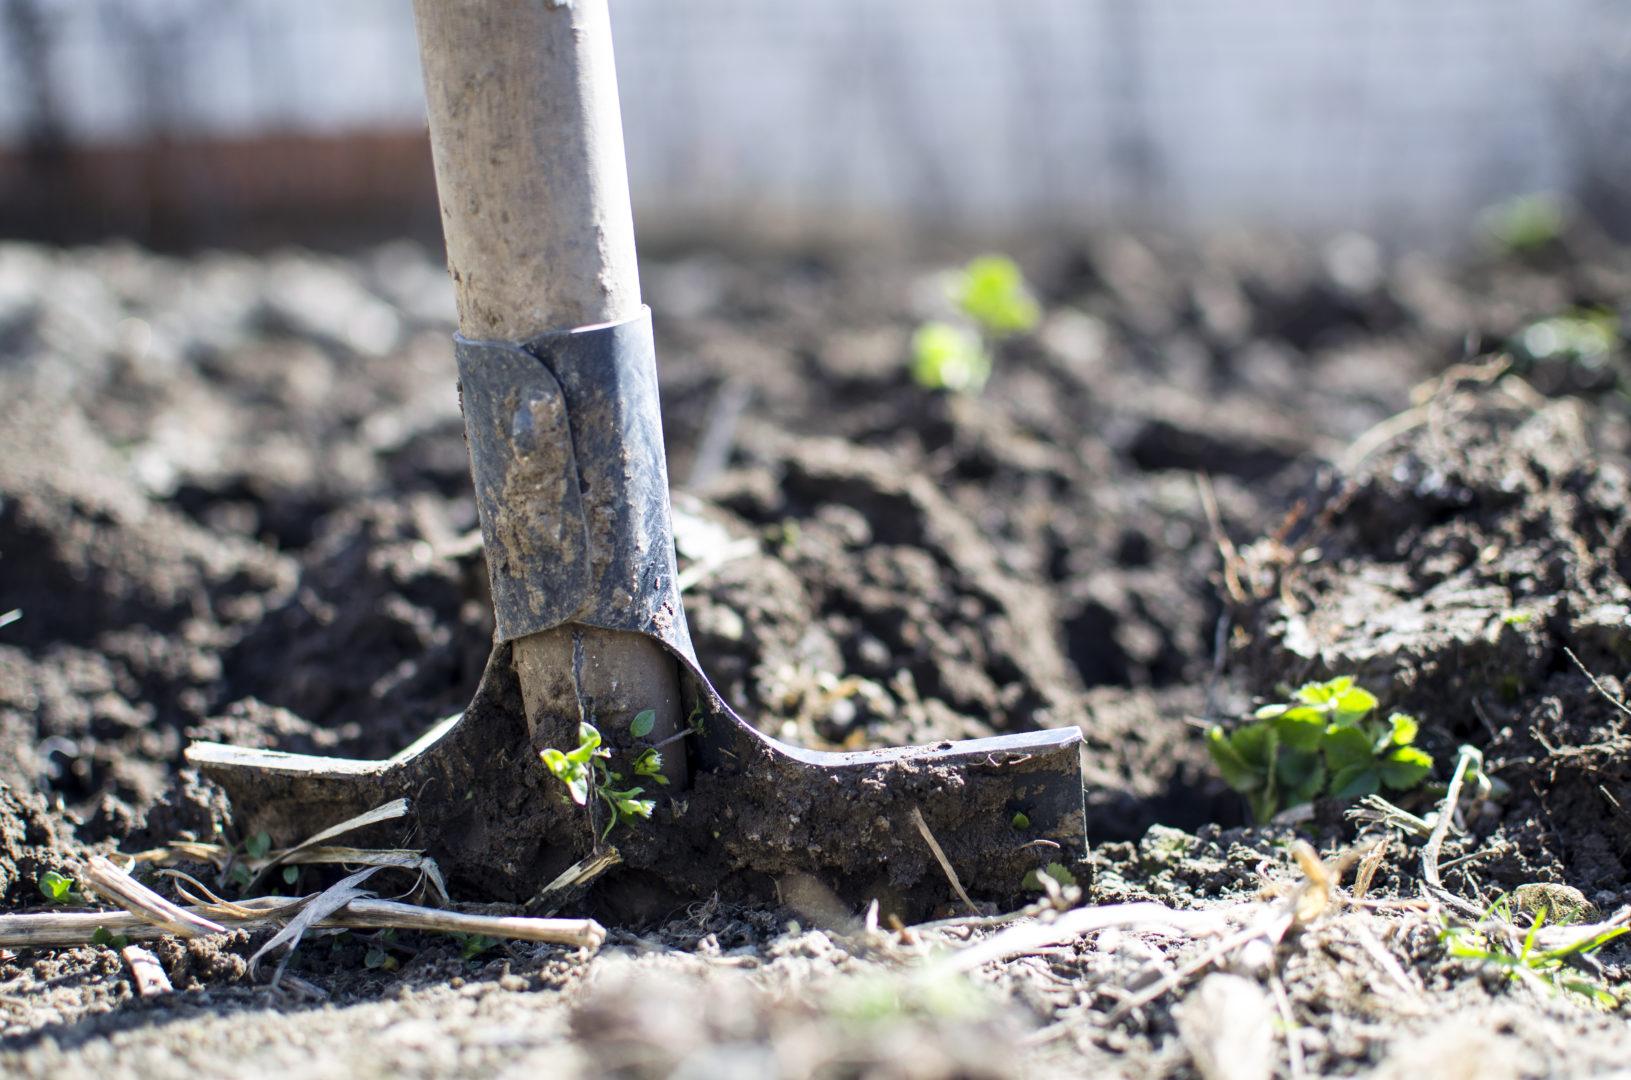 Back of brown shovel pushed into soil